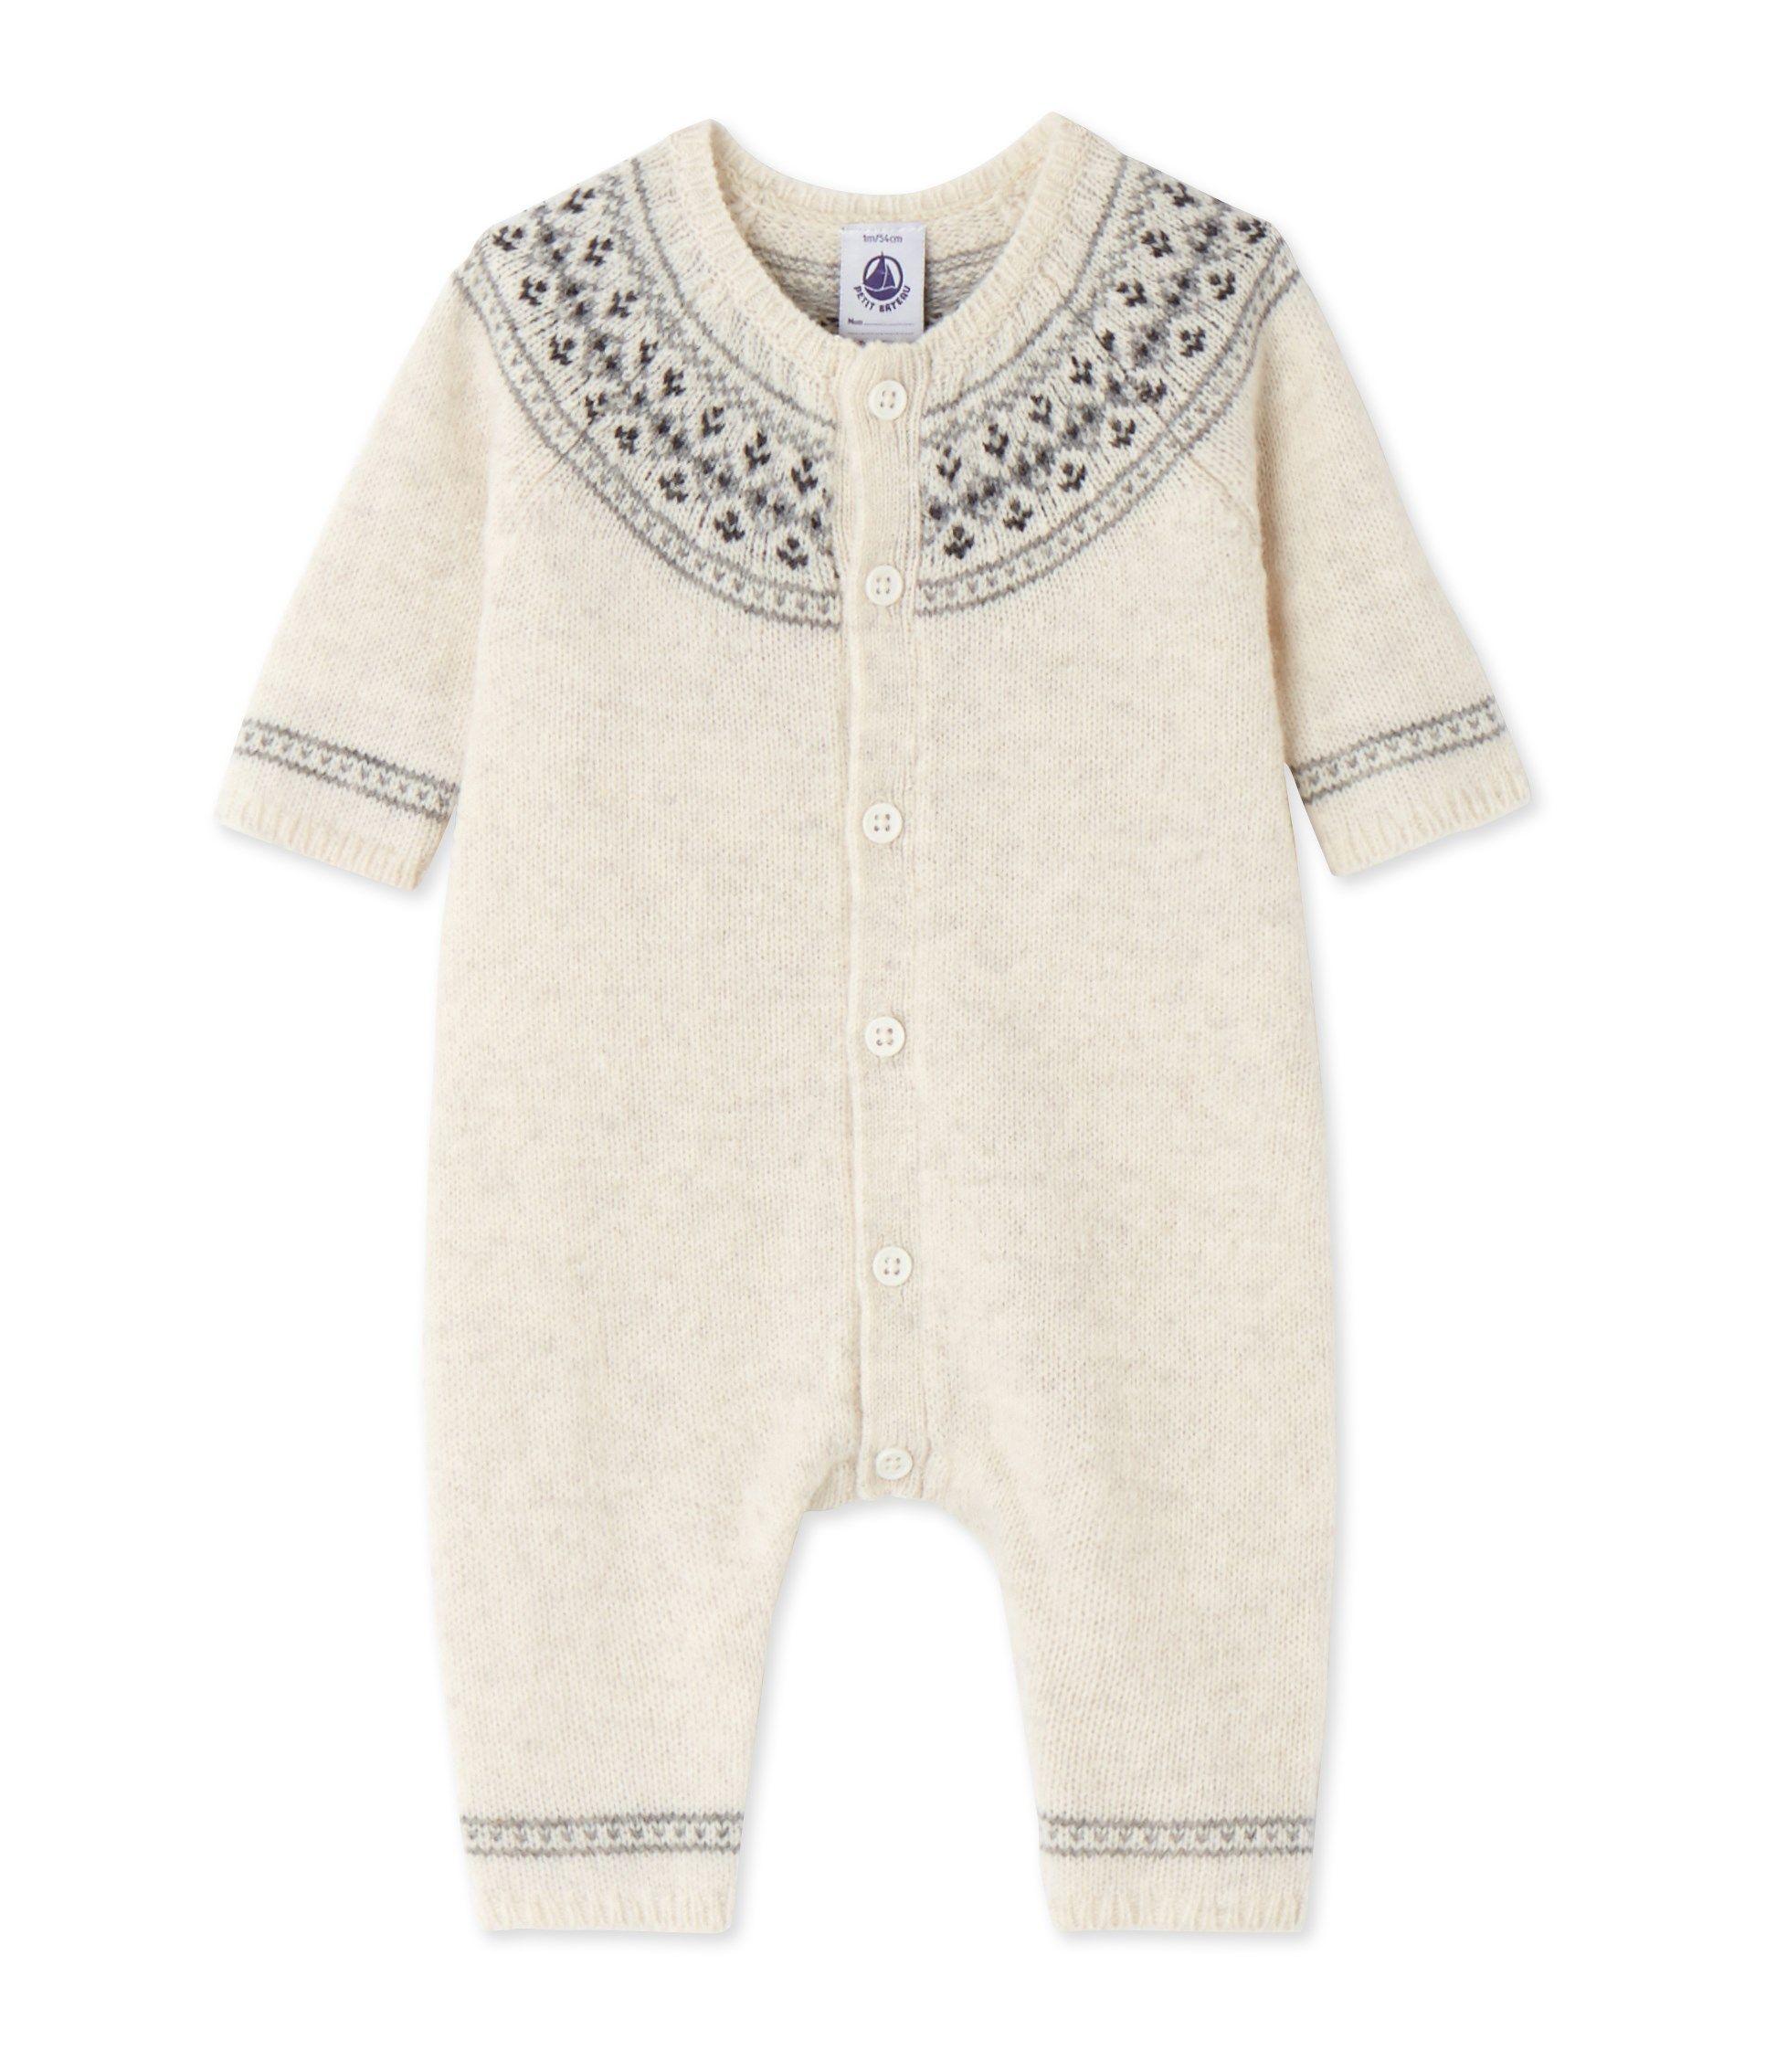 c38a8c5aa527 Exclu web - Combinaison bébé mixte en tricot   Vêtements bébé garçon